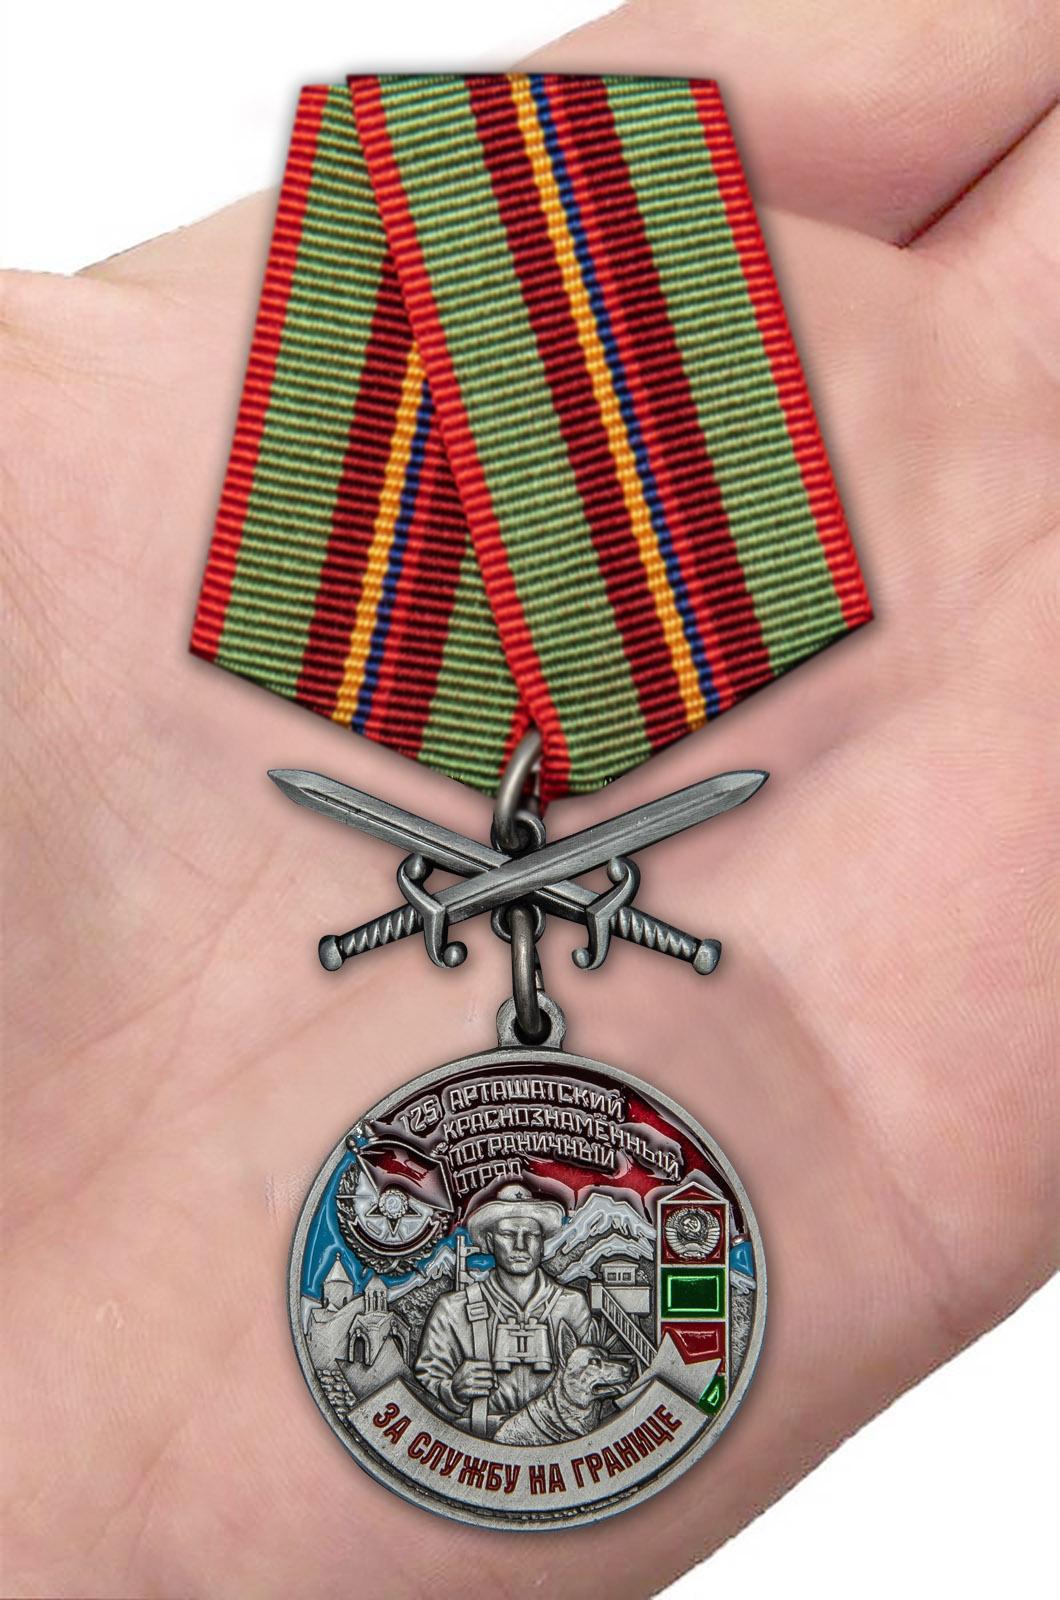 Нагрудная медаль За службу в Арташатском пограничном отряде - вид на ладони